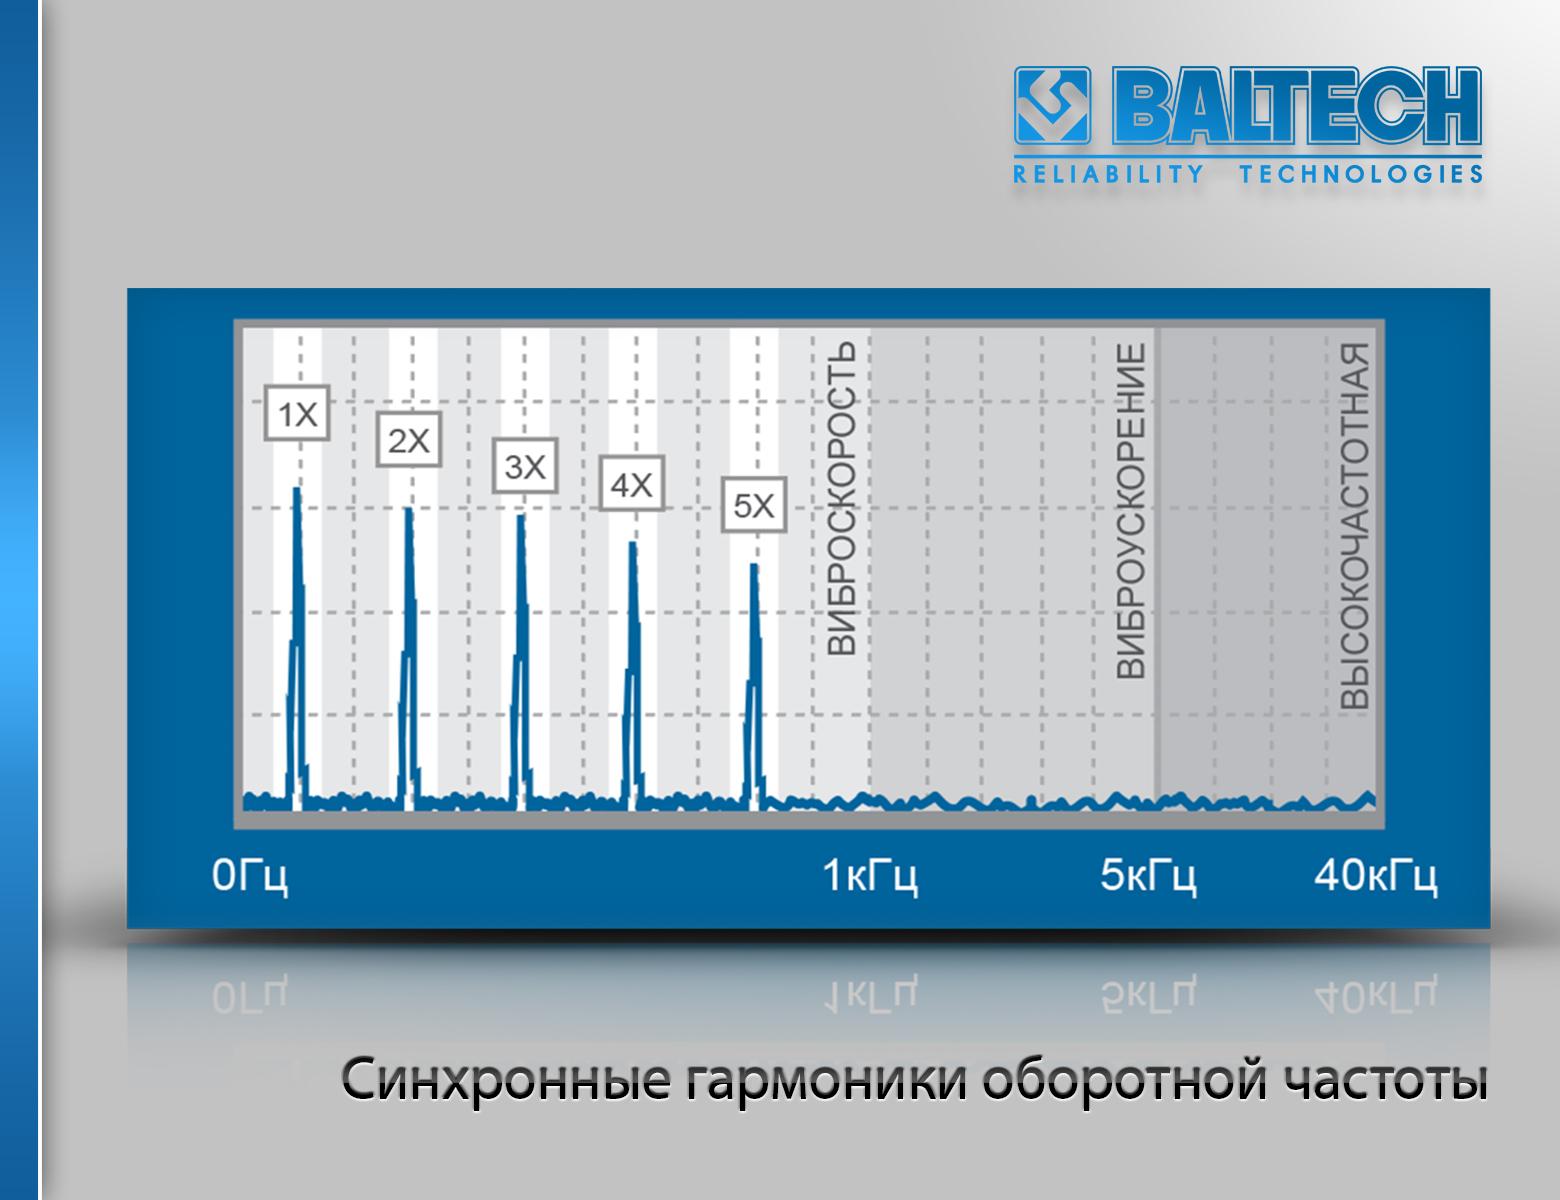 Синхронные гармоники оборотной частоты, практическая вибродиагностика, спектральная вибродиагностика, анализ спектров вибрации